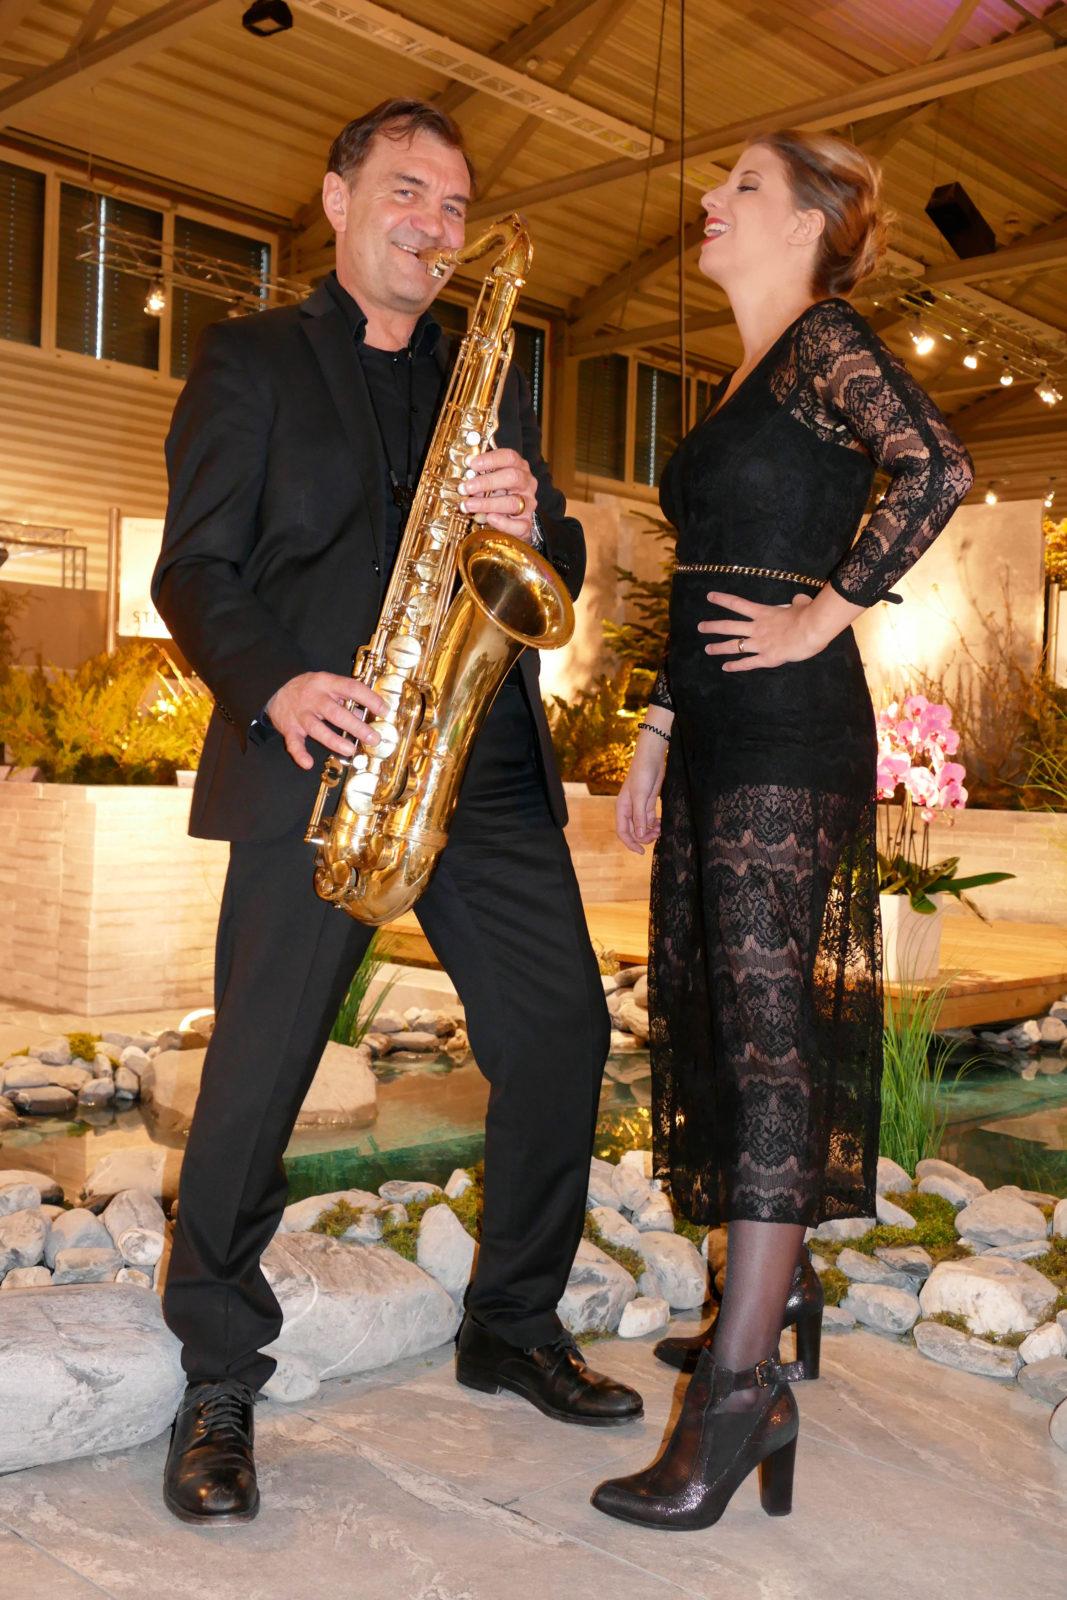 Messe Show Saengerin und Saxofonist